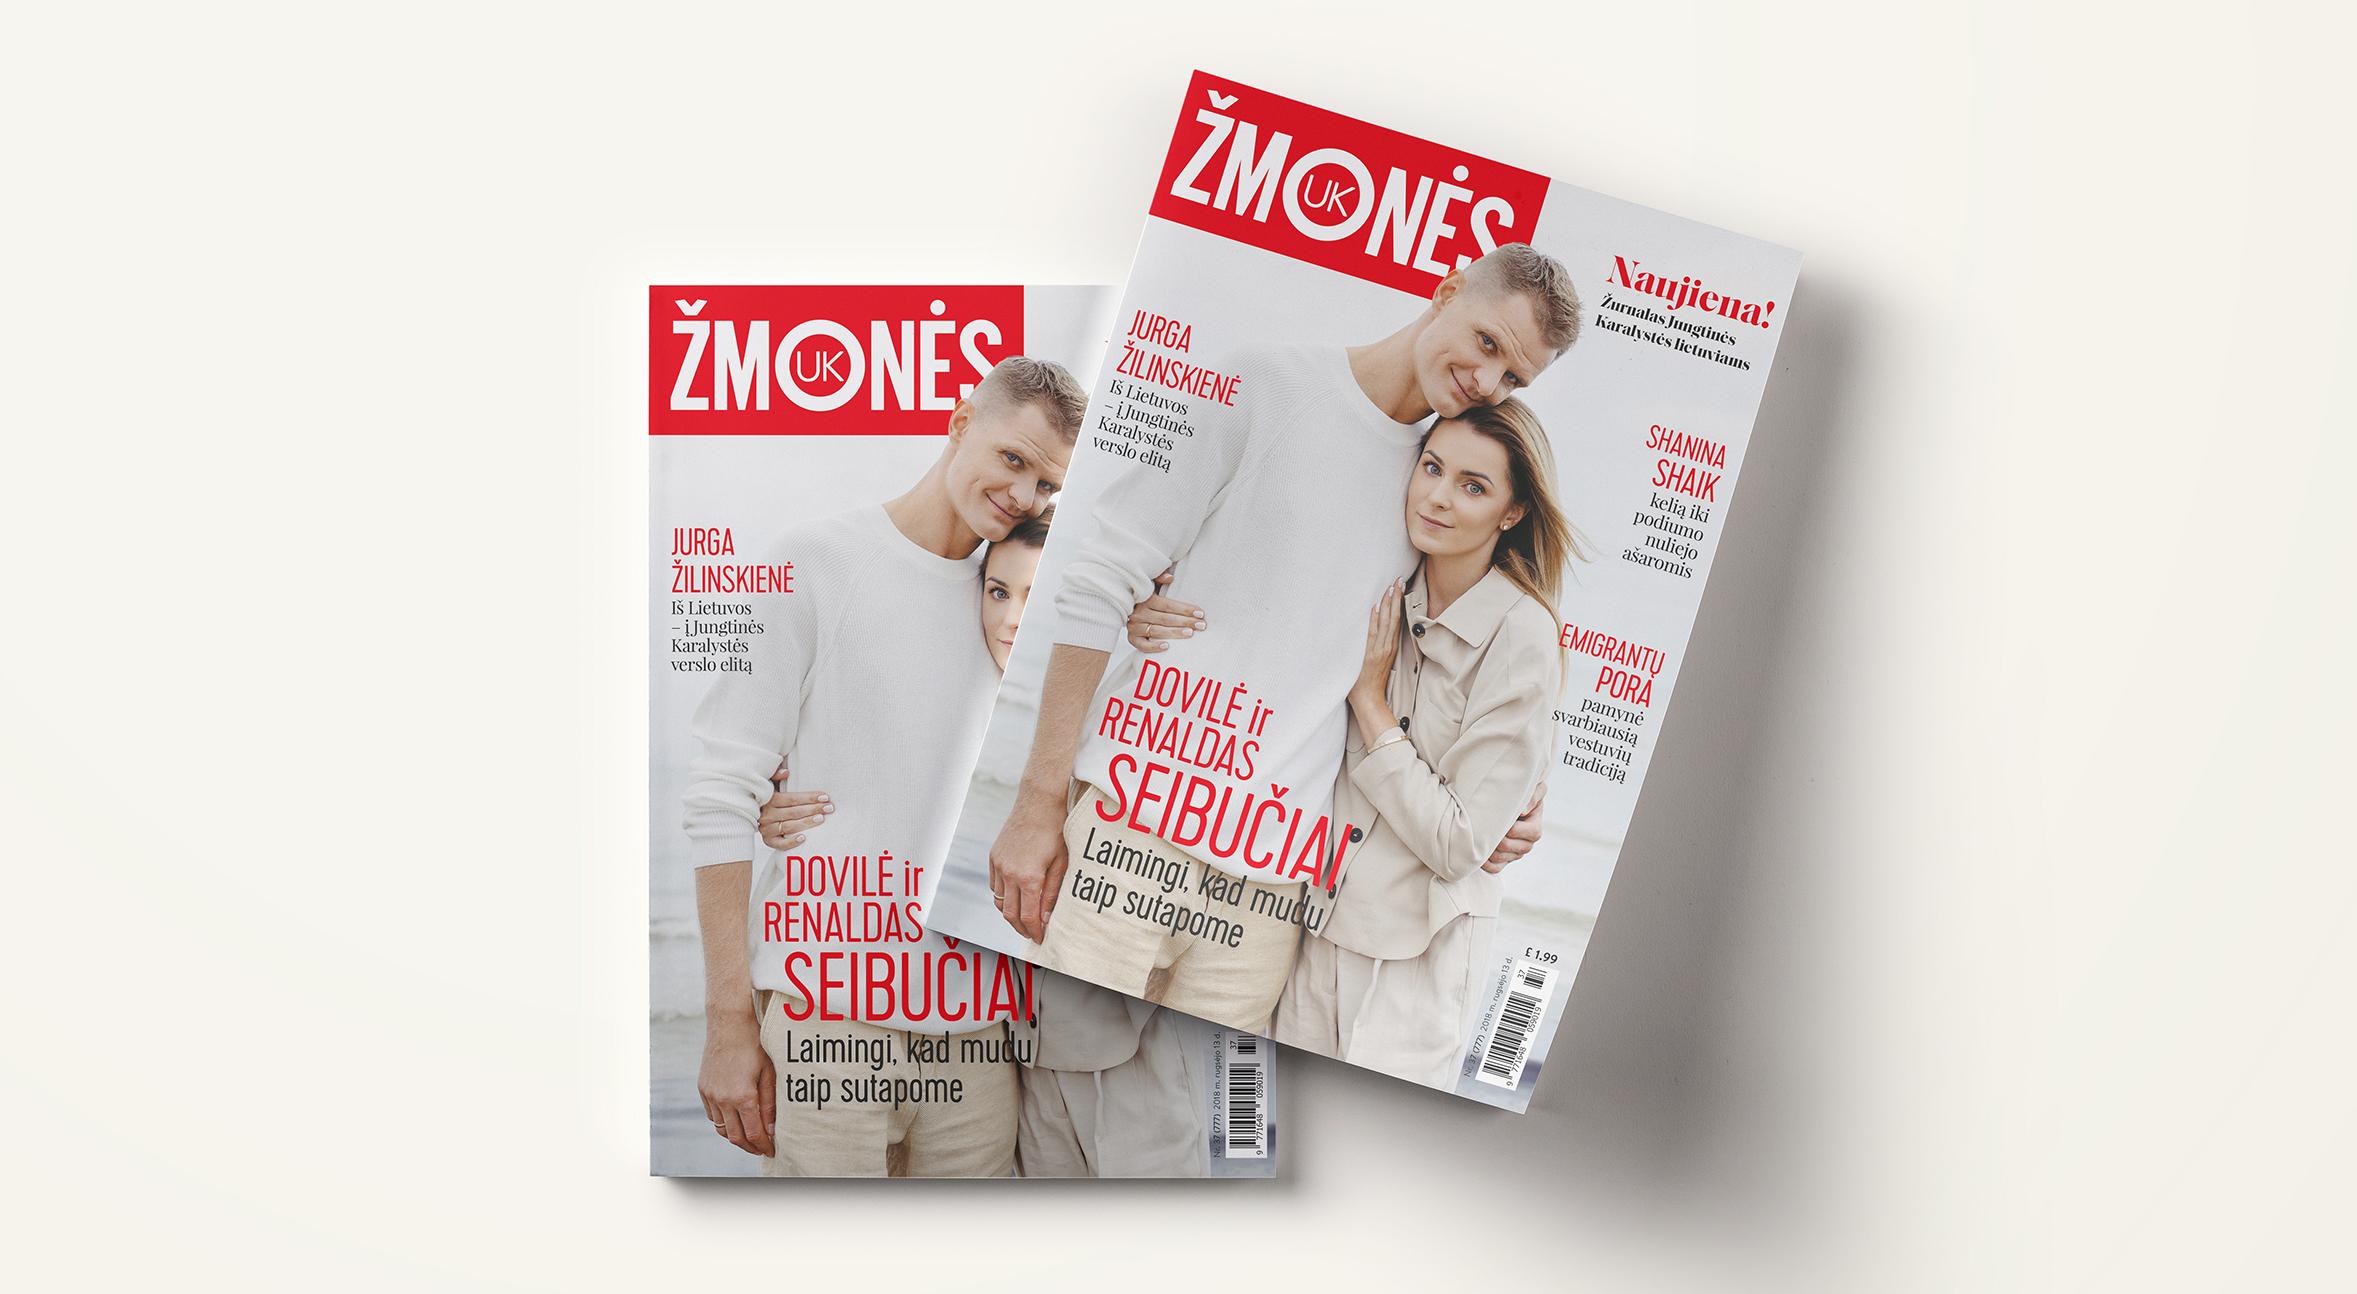 """Jungtinės Karalystės lietuviai skaitys specialiai jiems skirtą žurnalą – """"Žmonės UK"""" - Žurnalas """"Žmonės"""" plečiasi į Jungtinę Karalystę."""